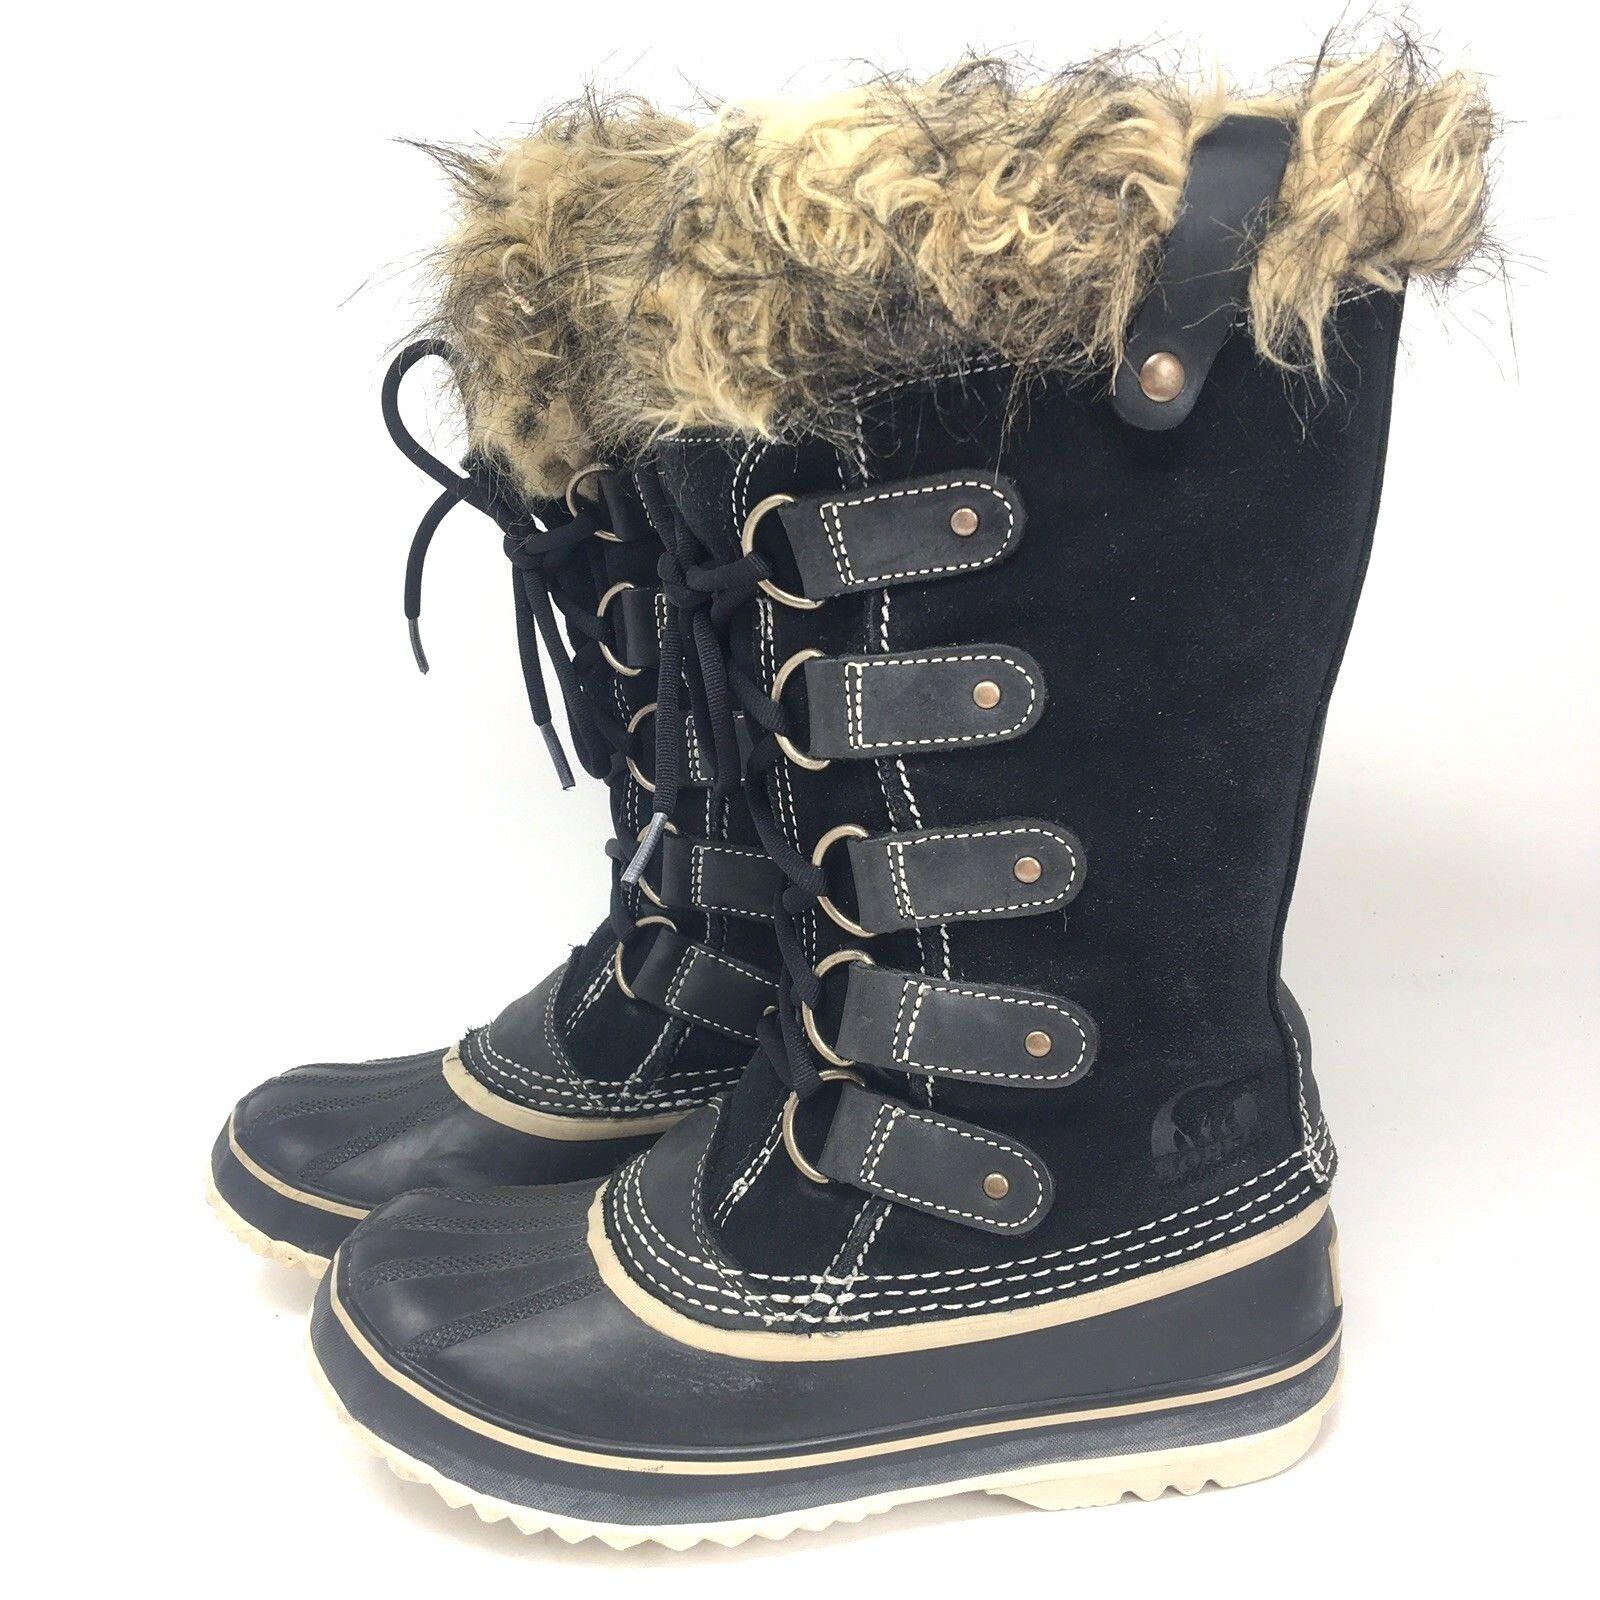 spedizione veloce a te Donna Donna Donna  Sorel Joan of Arctic Faux Fur Snow Winter stivali nero Leather Sz 7 M  sconti e altro